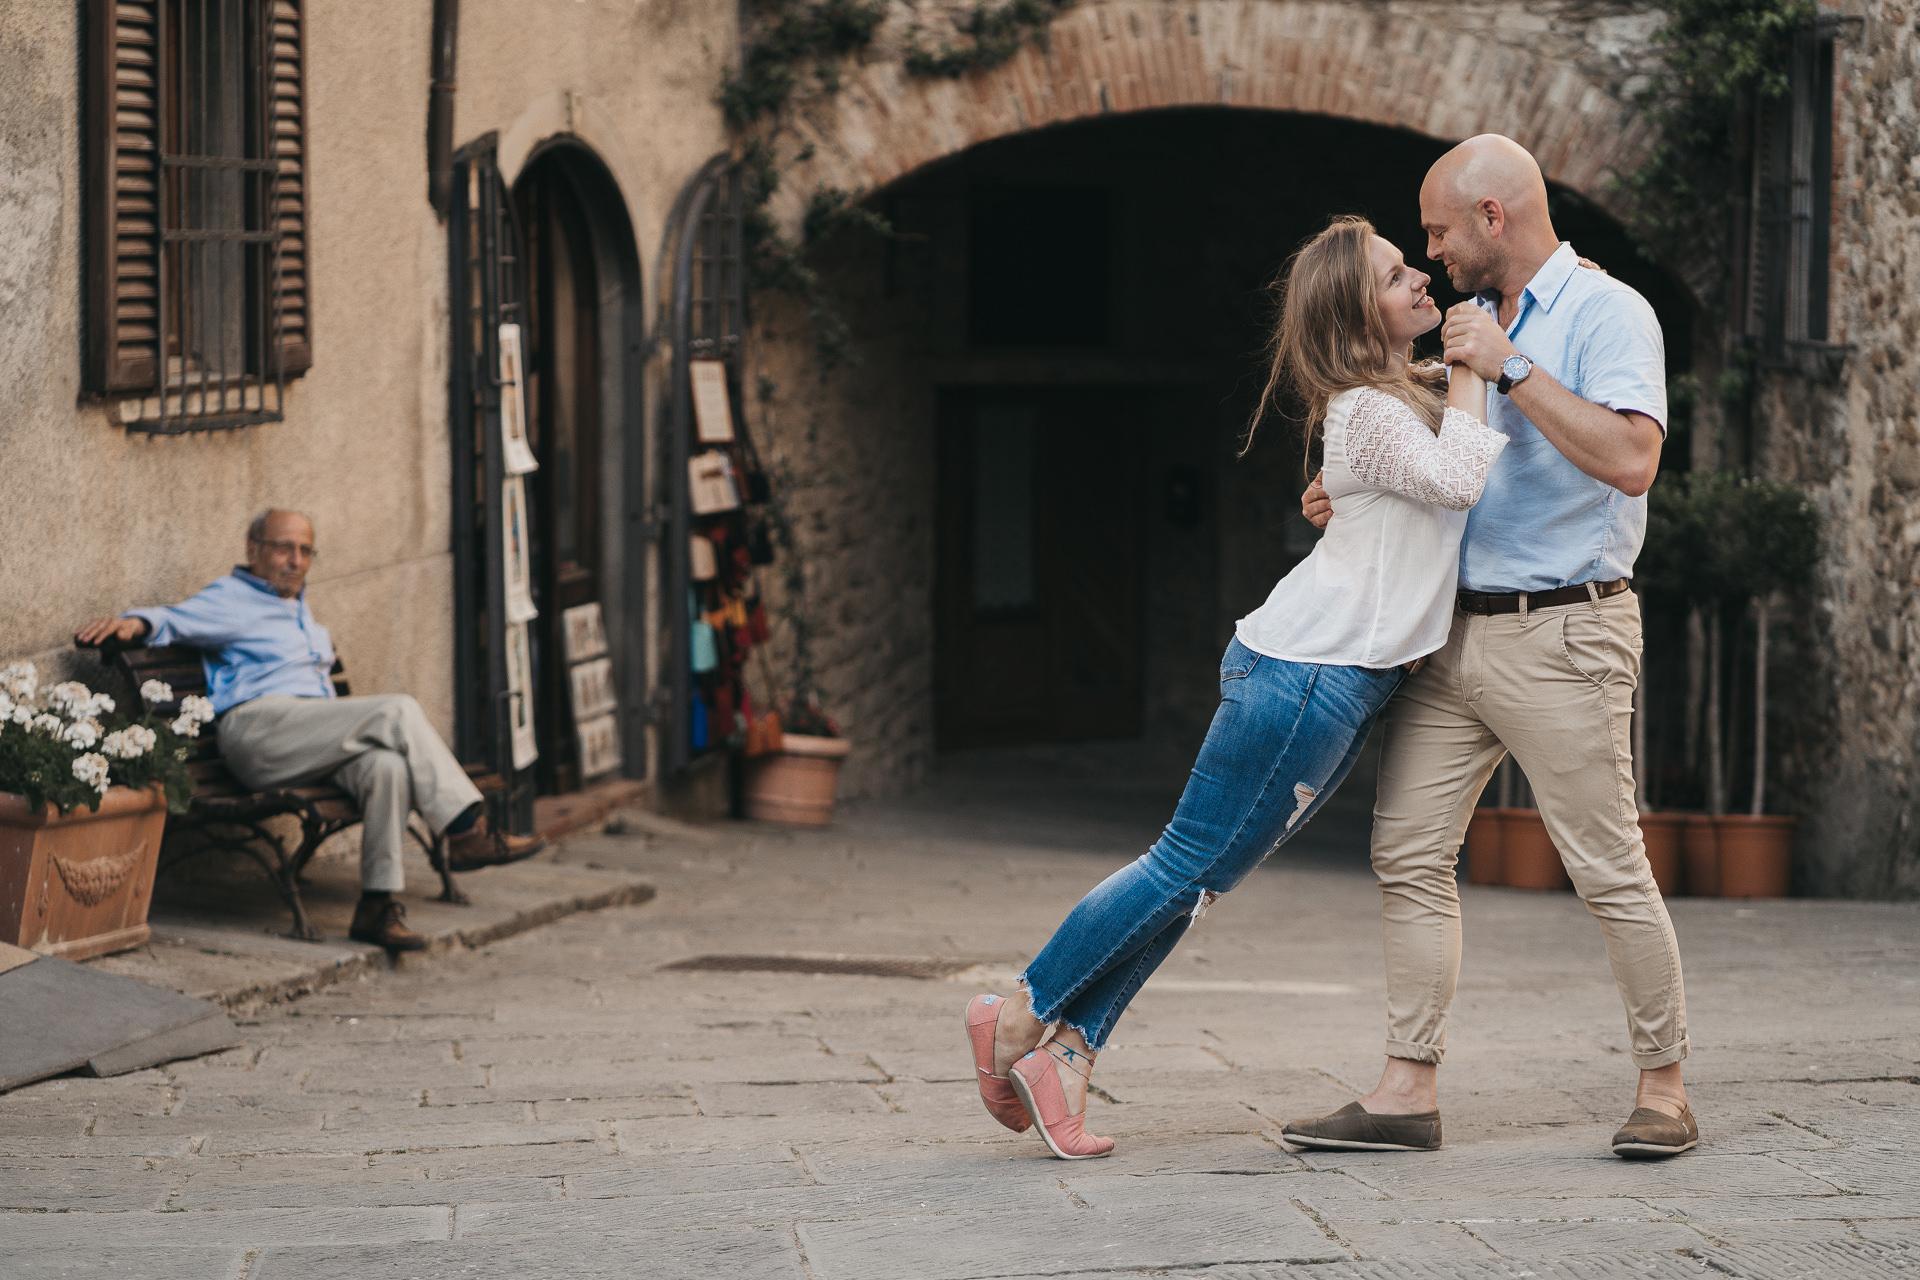 Paar tanzt in den Gassen Italiens - Paarfotoshooting in der Toskana - Tanzendes Pärchen in Castelina Italien - Chris Reuter Hochzeitsfotograf